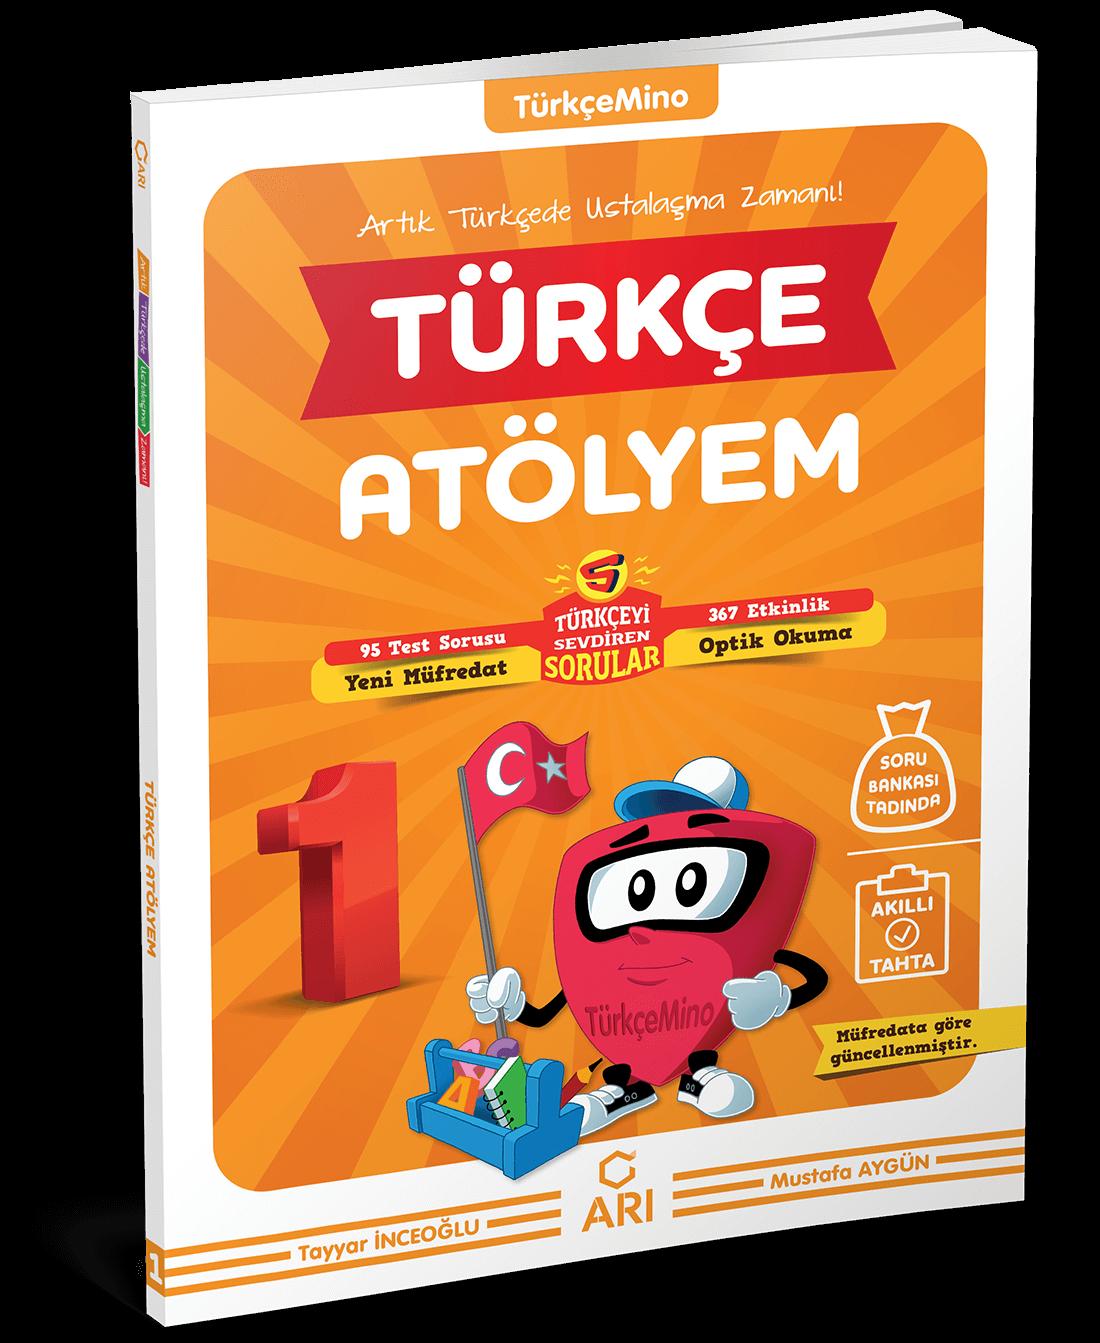 TürkçeMino Türkçe Atölyem 1. Sınıf